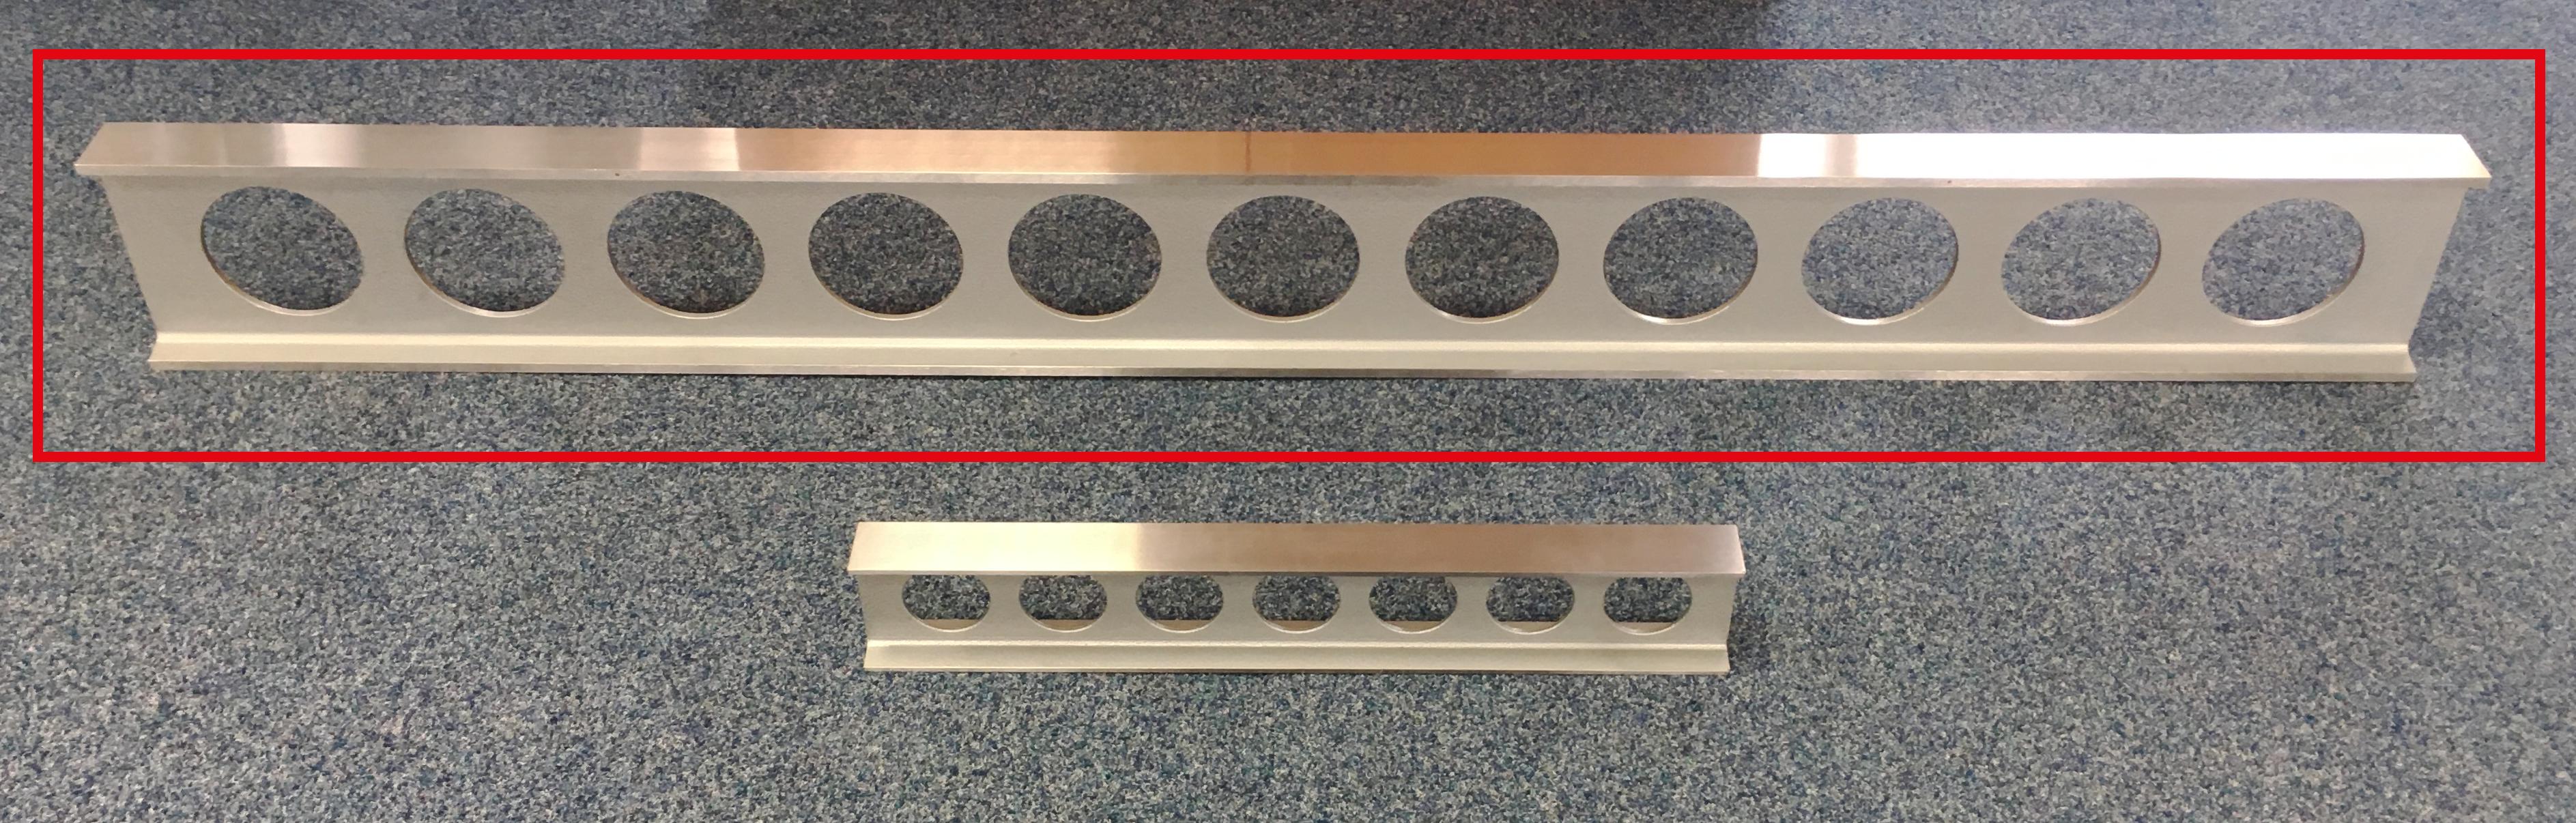 Ocelové pravítko - I profil 1500x160x50 - DIN 874/0 - SLEVA - POŠKOZENO PŘI PŘEPRAVĚ